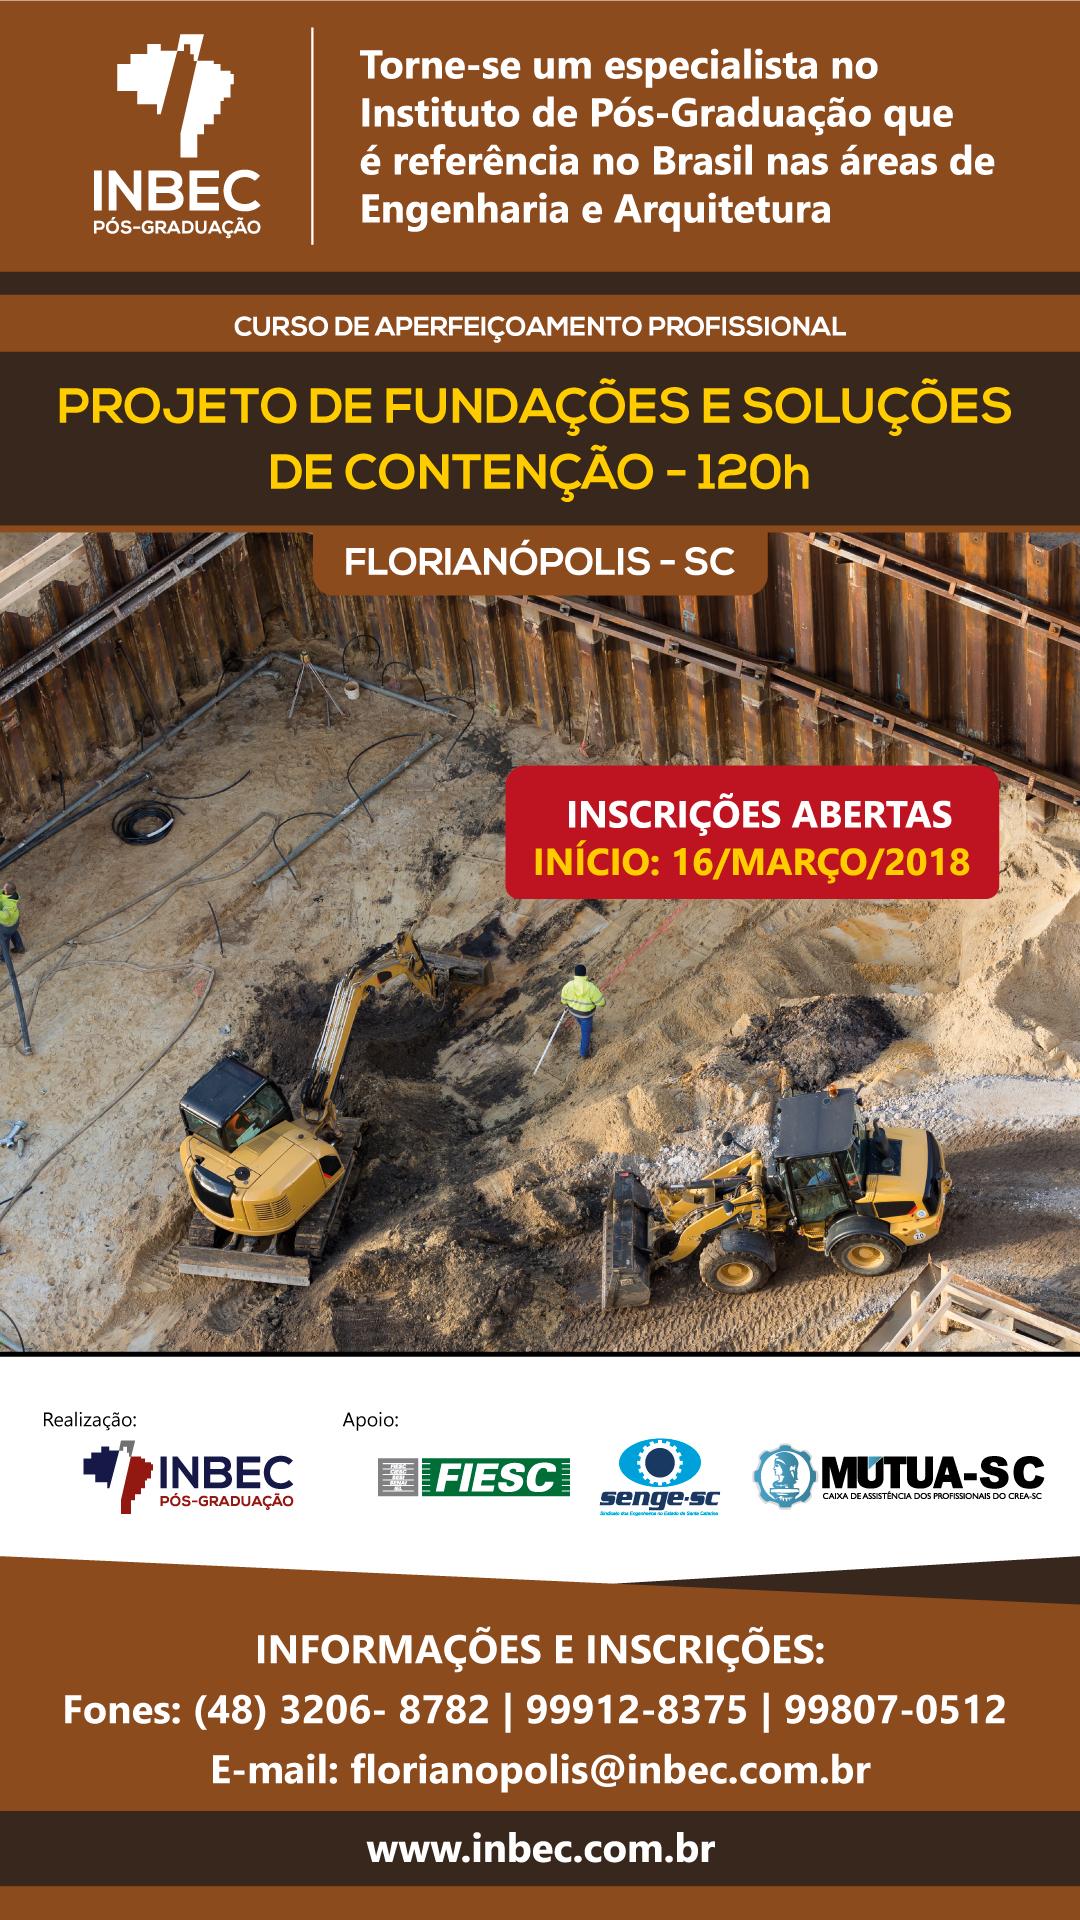 CURSO DE PROJETO DE FUNDAÇÕES E SOLUÇÕES DE CONTENÇÃO - 120h